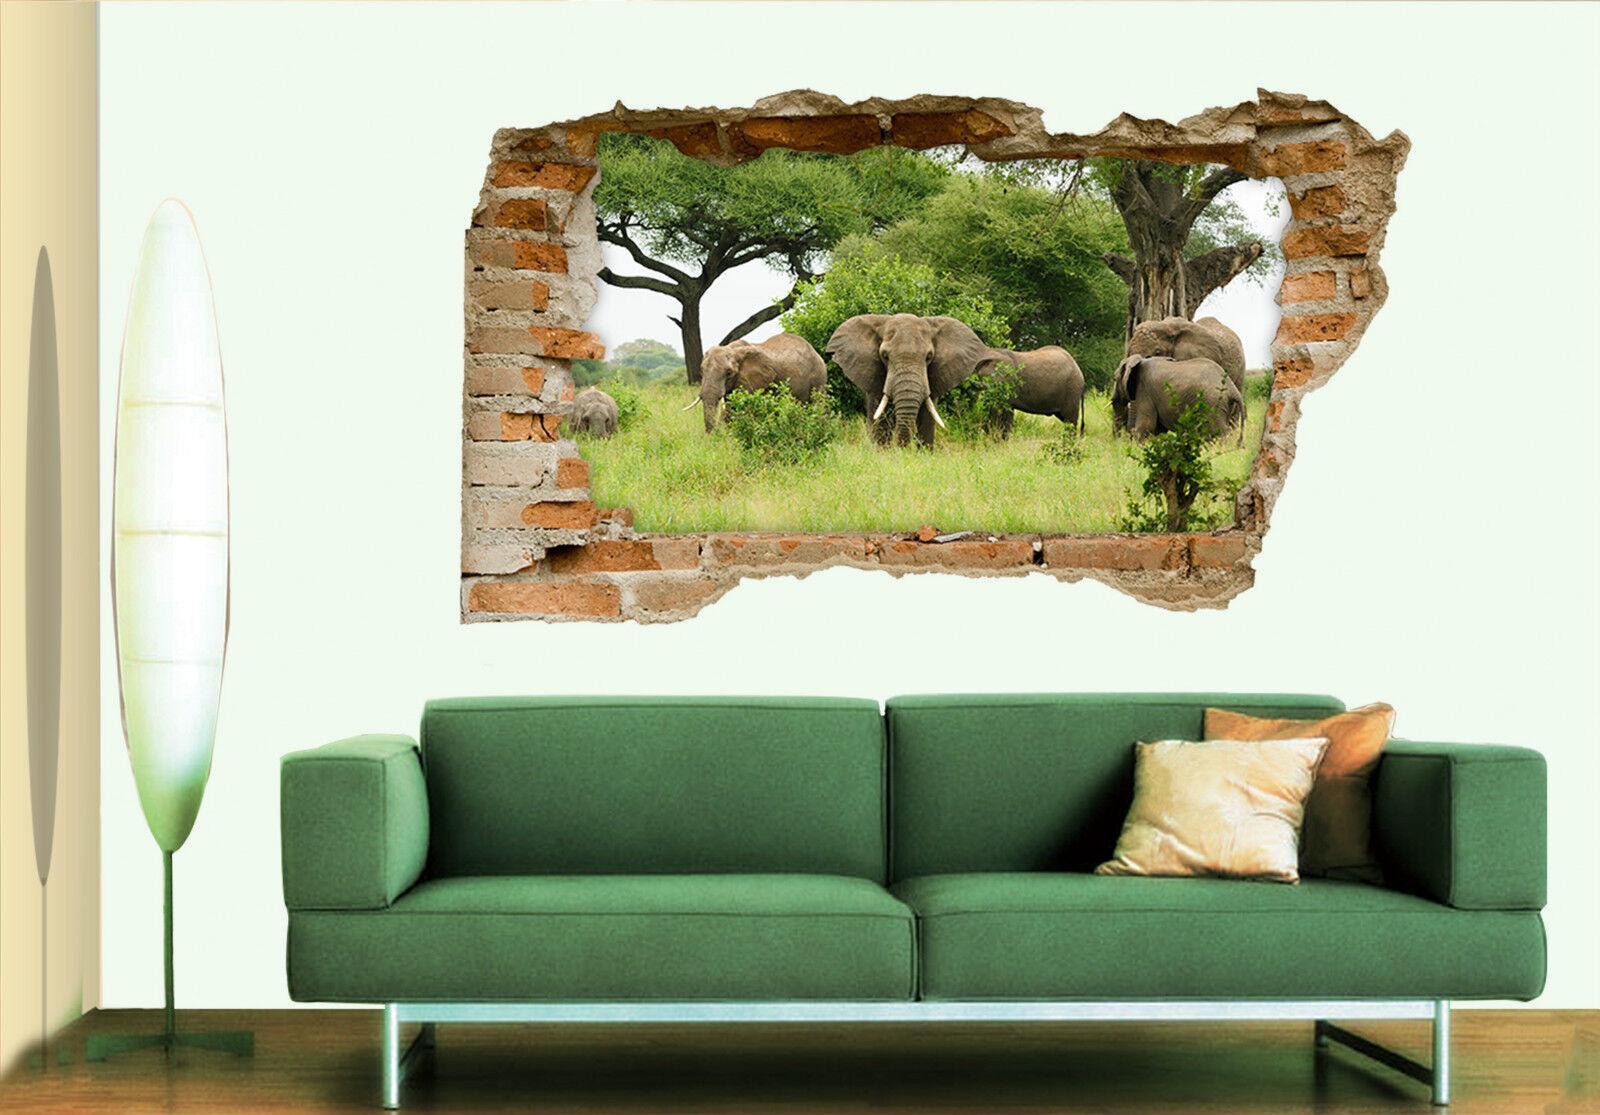 3D Elefanten 49 Mauer Murals Aufklebe Decal Durchbruch AJ WALLPAPER DE Lemon